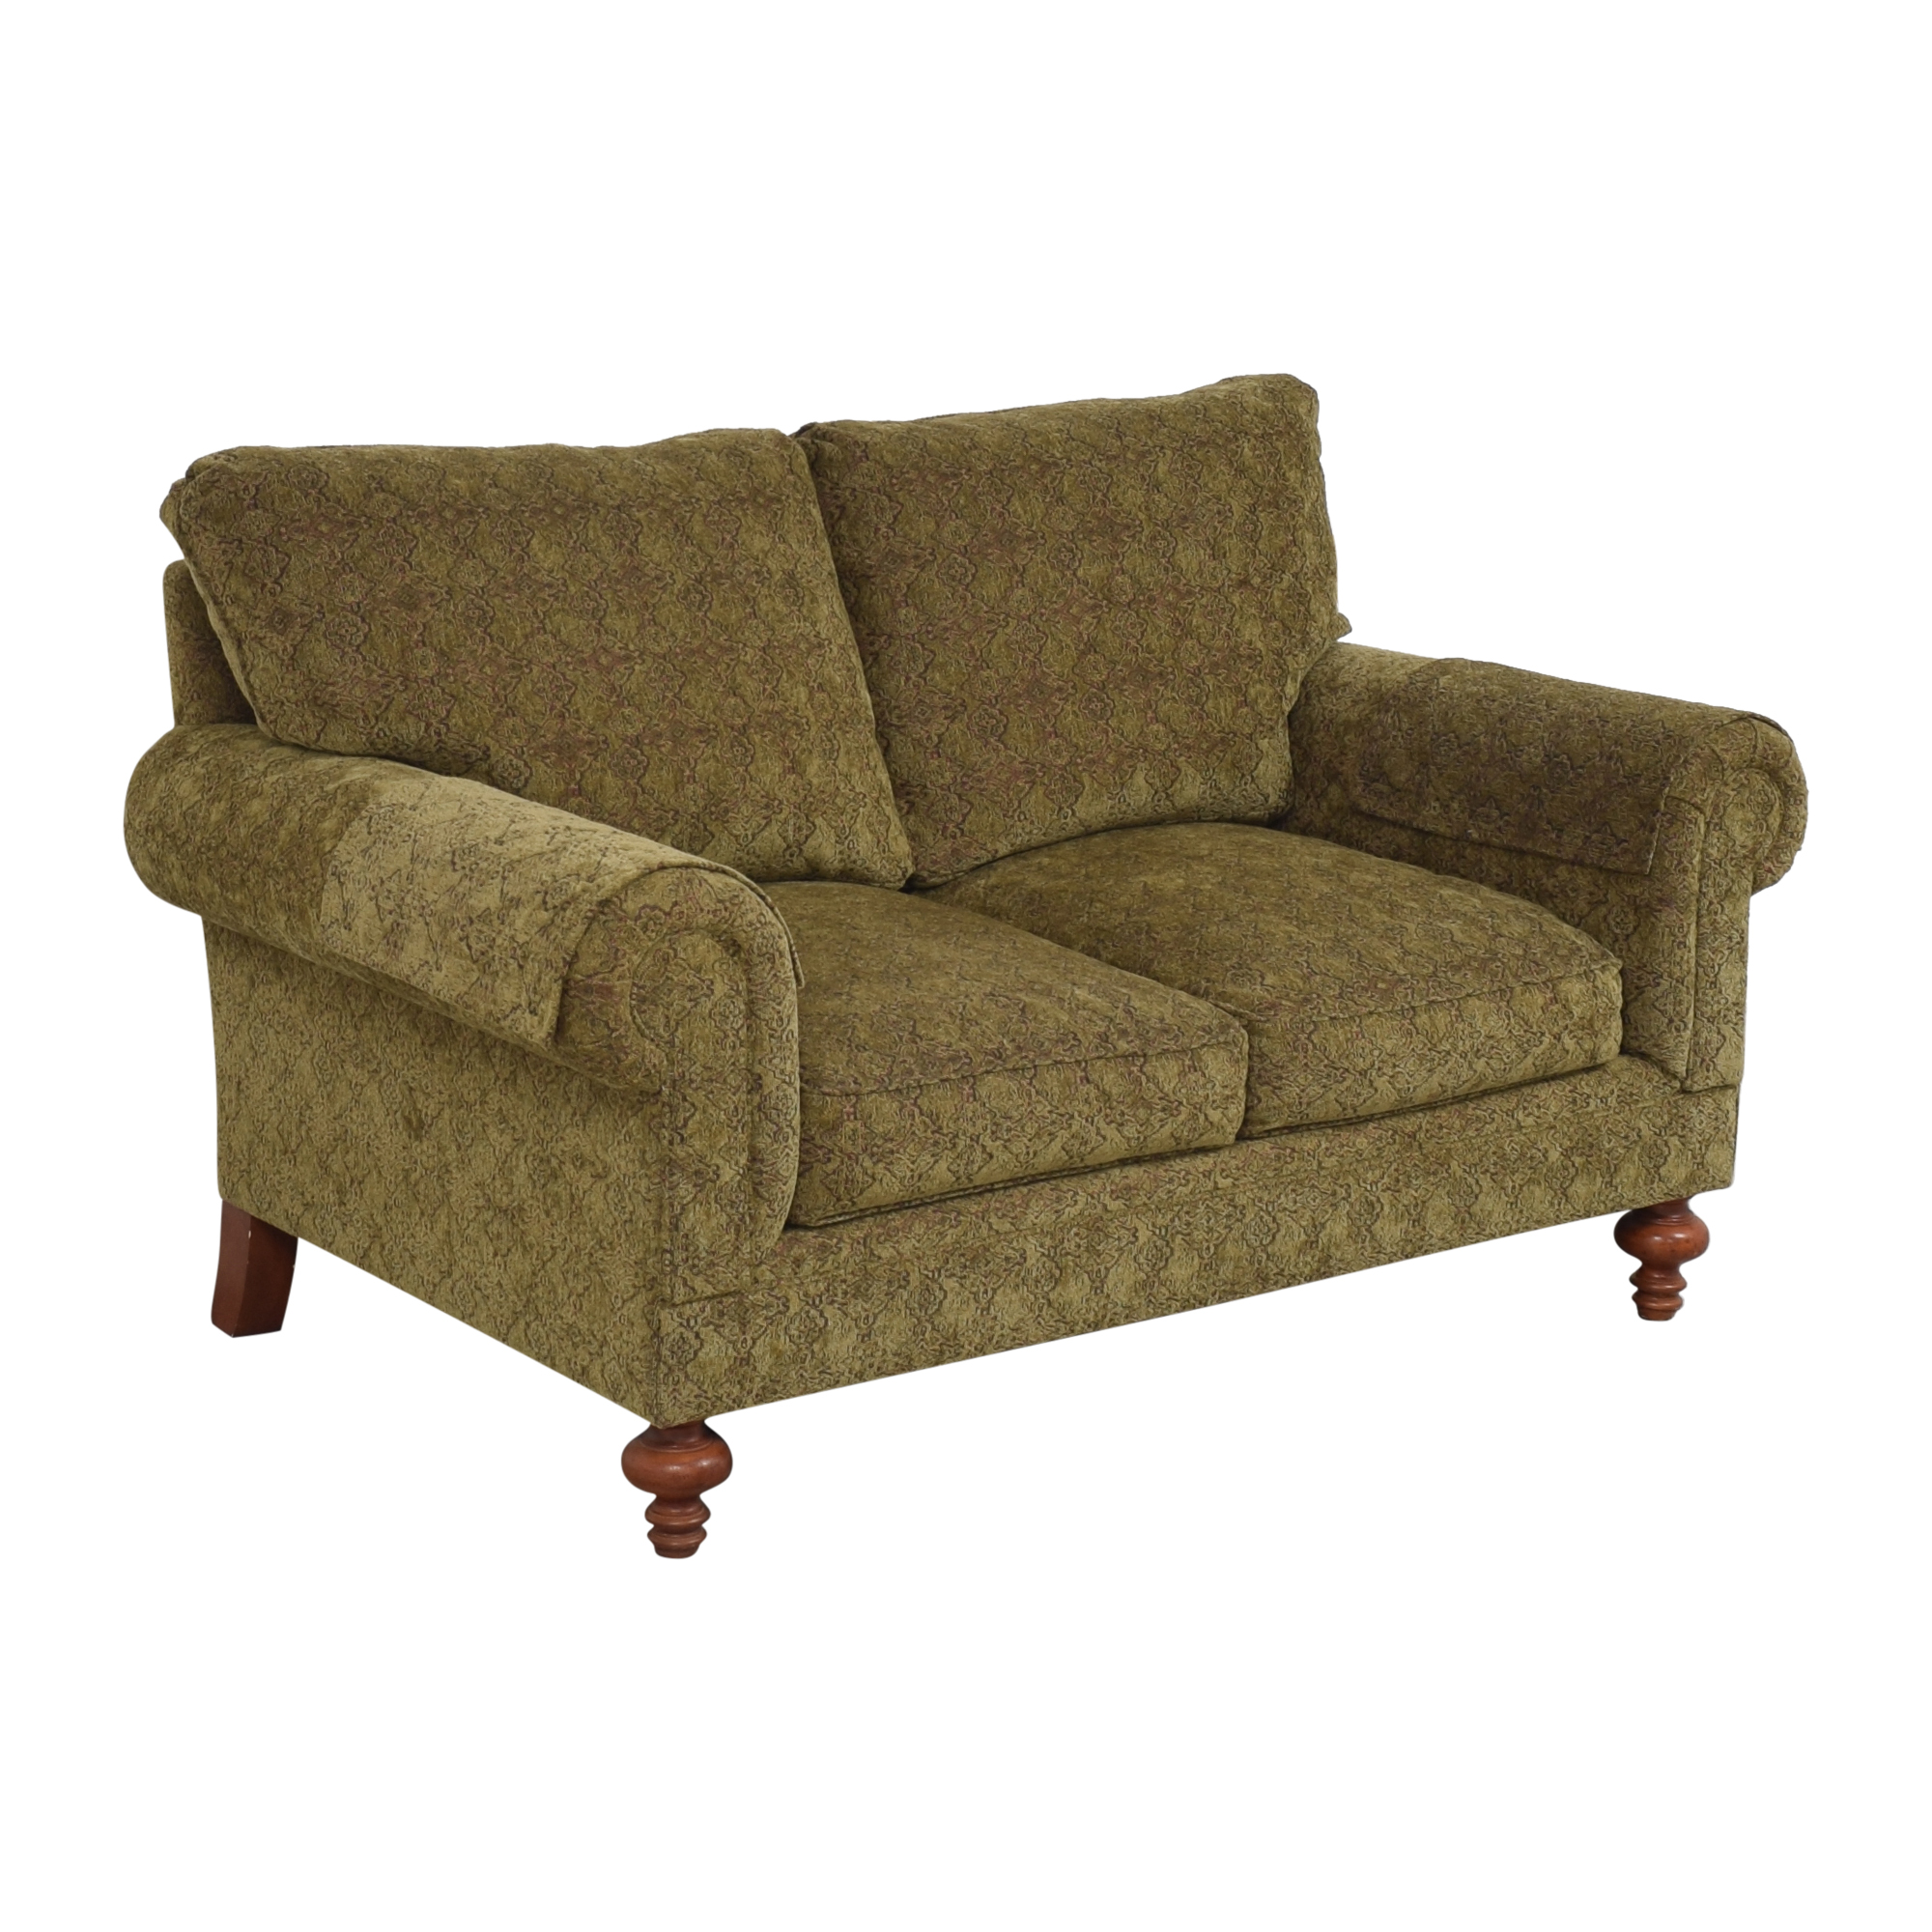 Henredon Furniture Henredon Upholstered Loveseat price